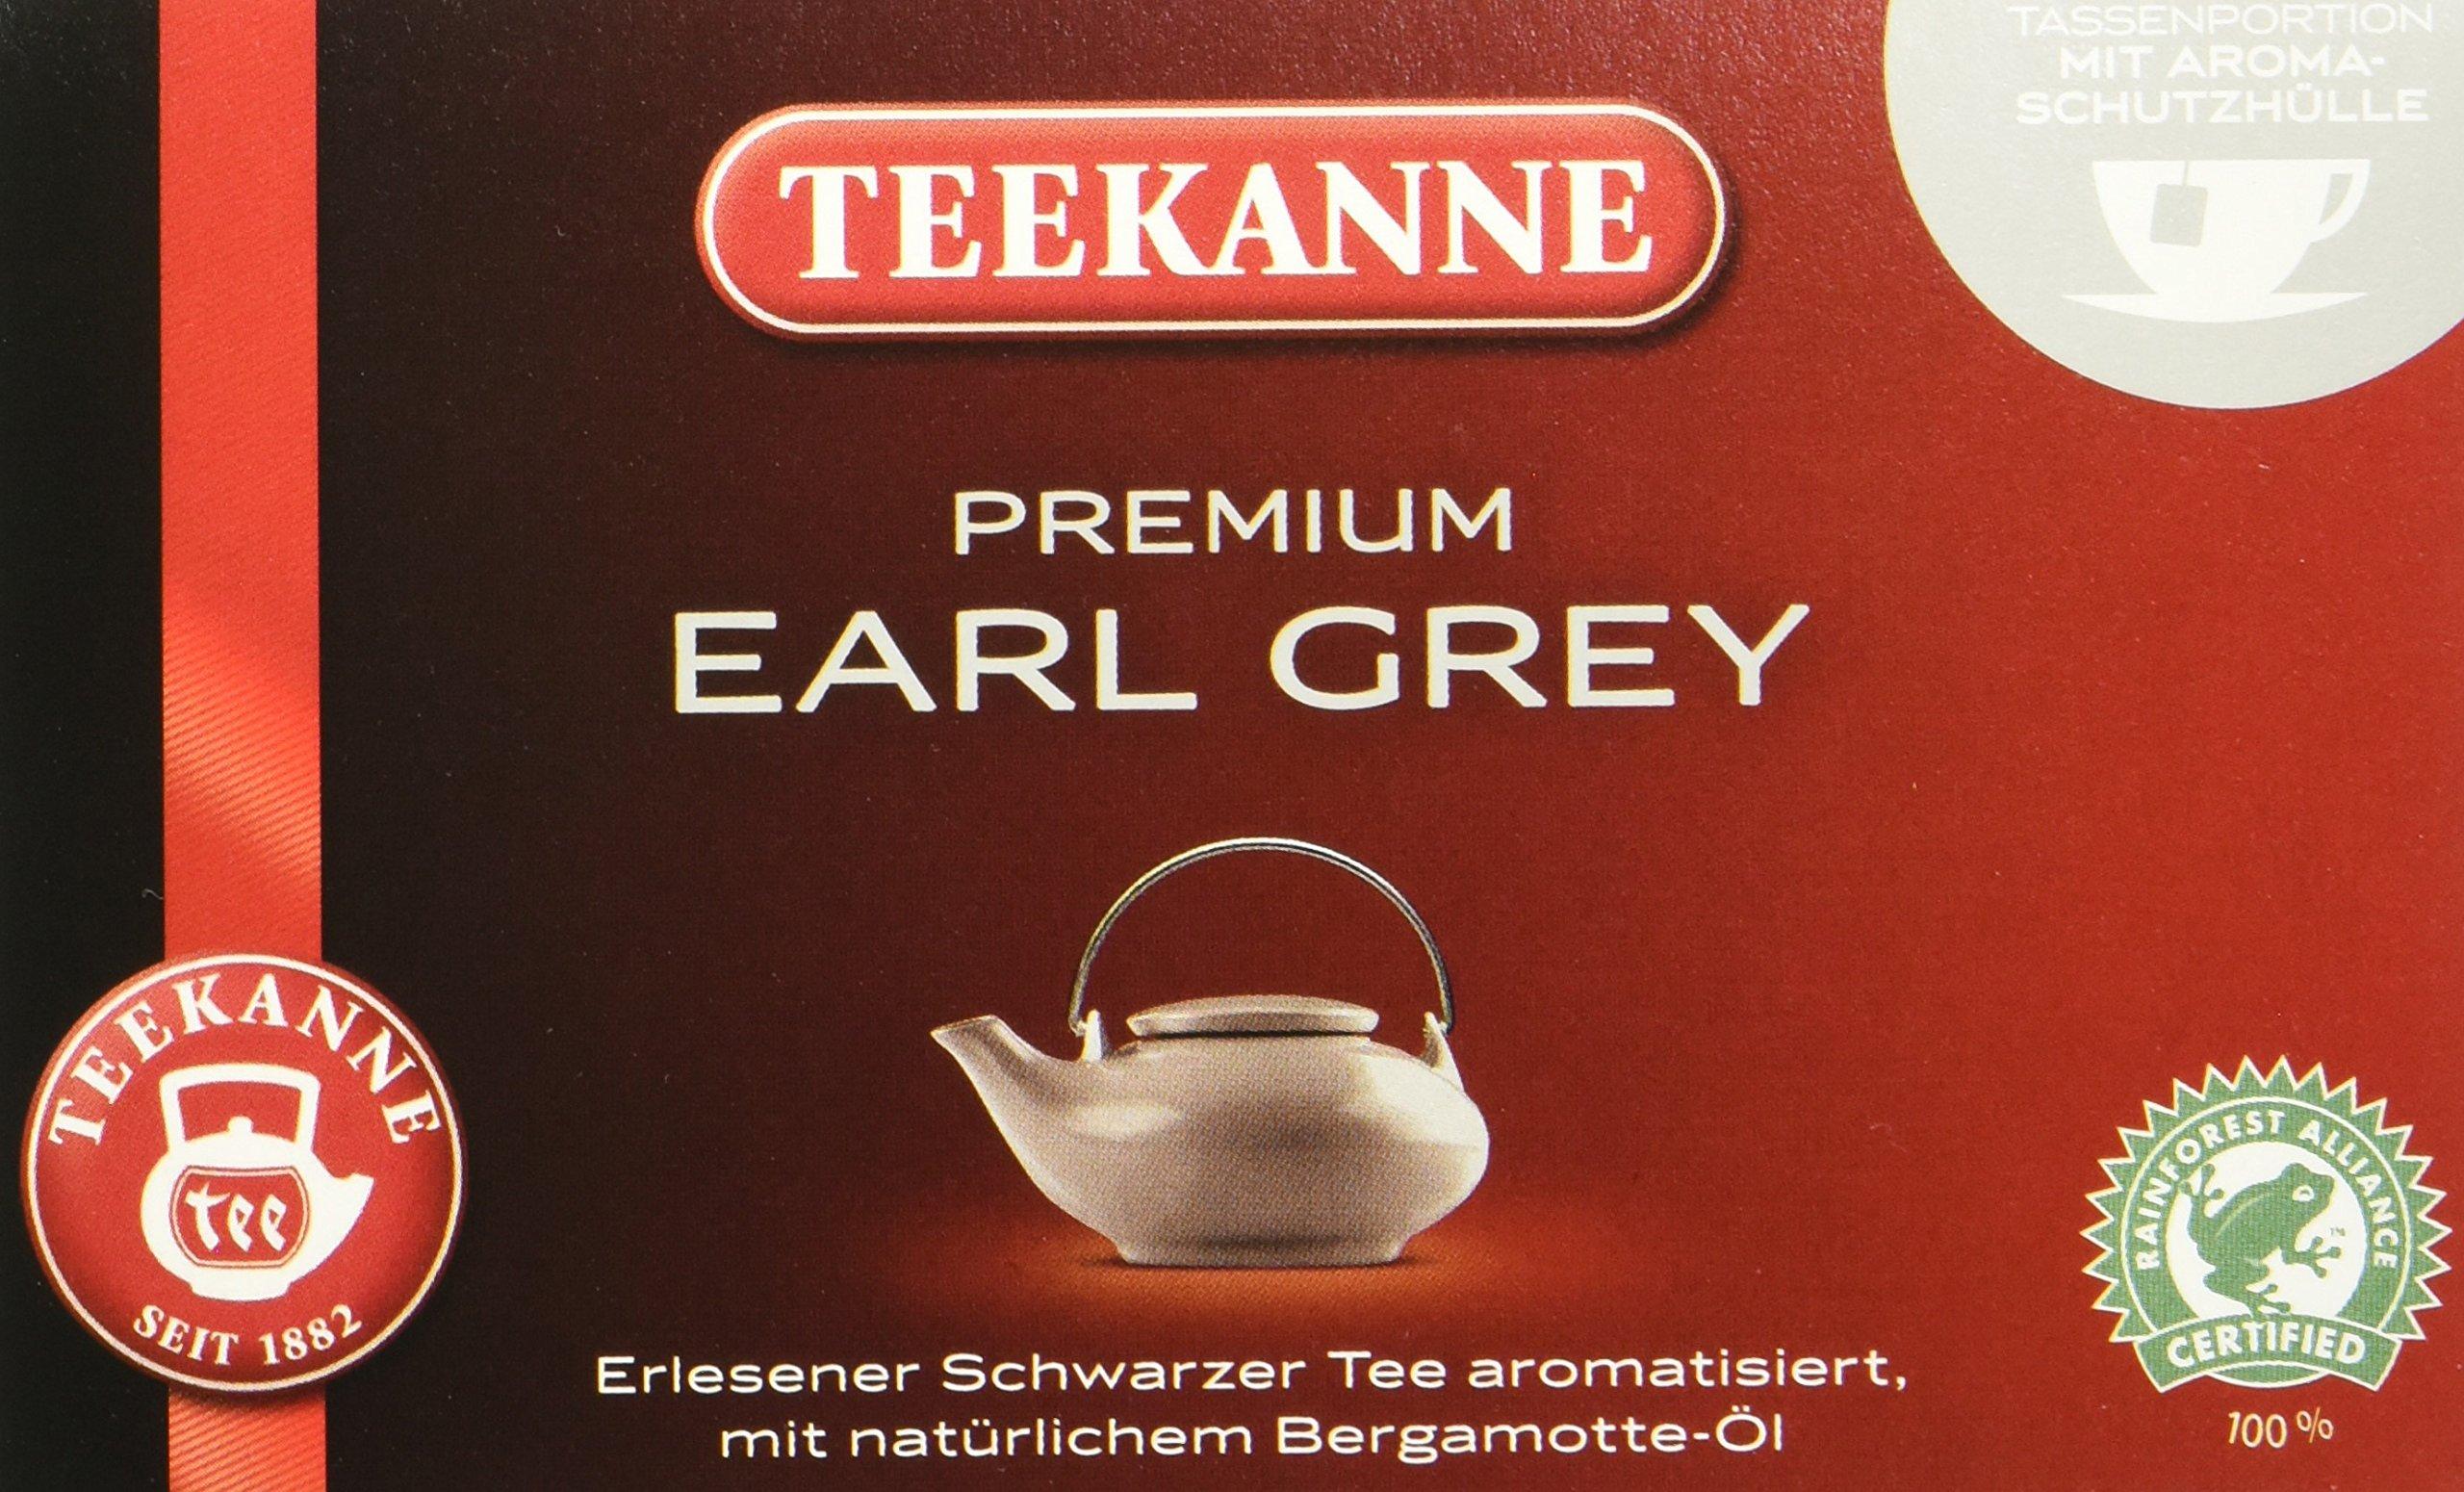 Teekanne-Premium-Earl-Grey-20-Beutel